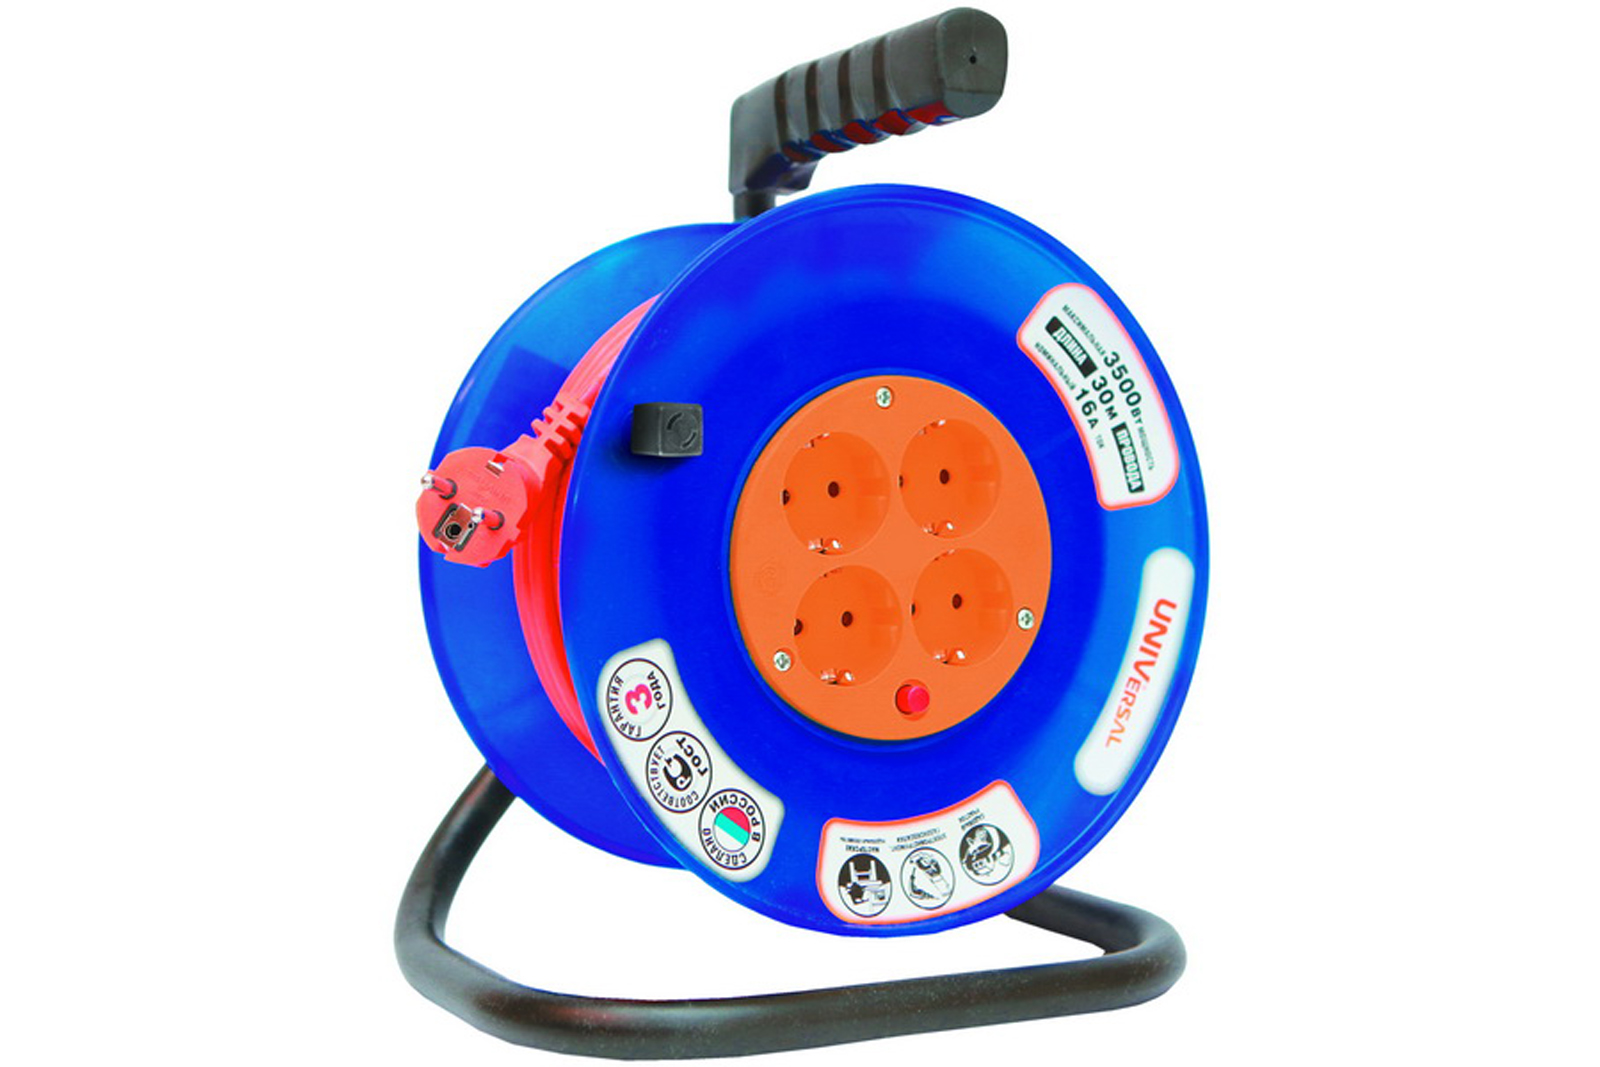 Удлинитель Universal ВЕМ-250 термо ПВС 3*0,75 4гнезда 20м силовой удлинитель universal вем 250 термо пвс 3 1 5 30м 9634157